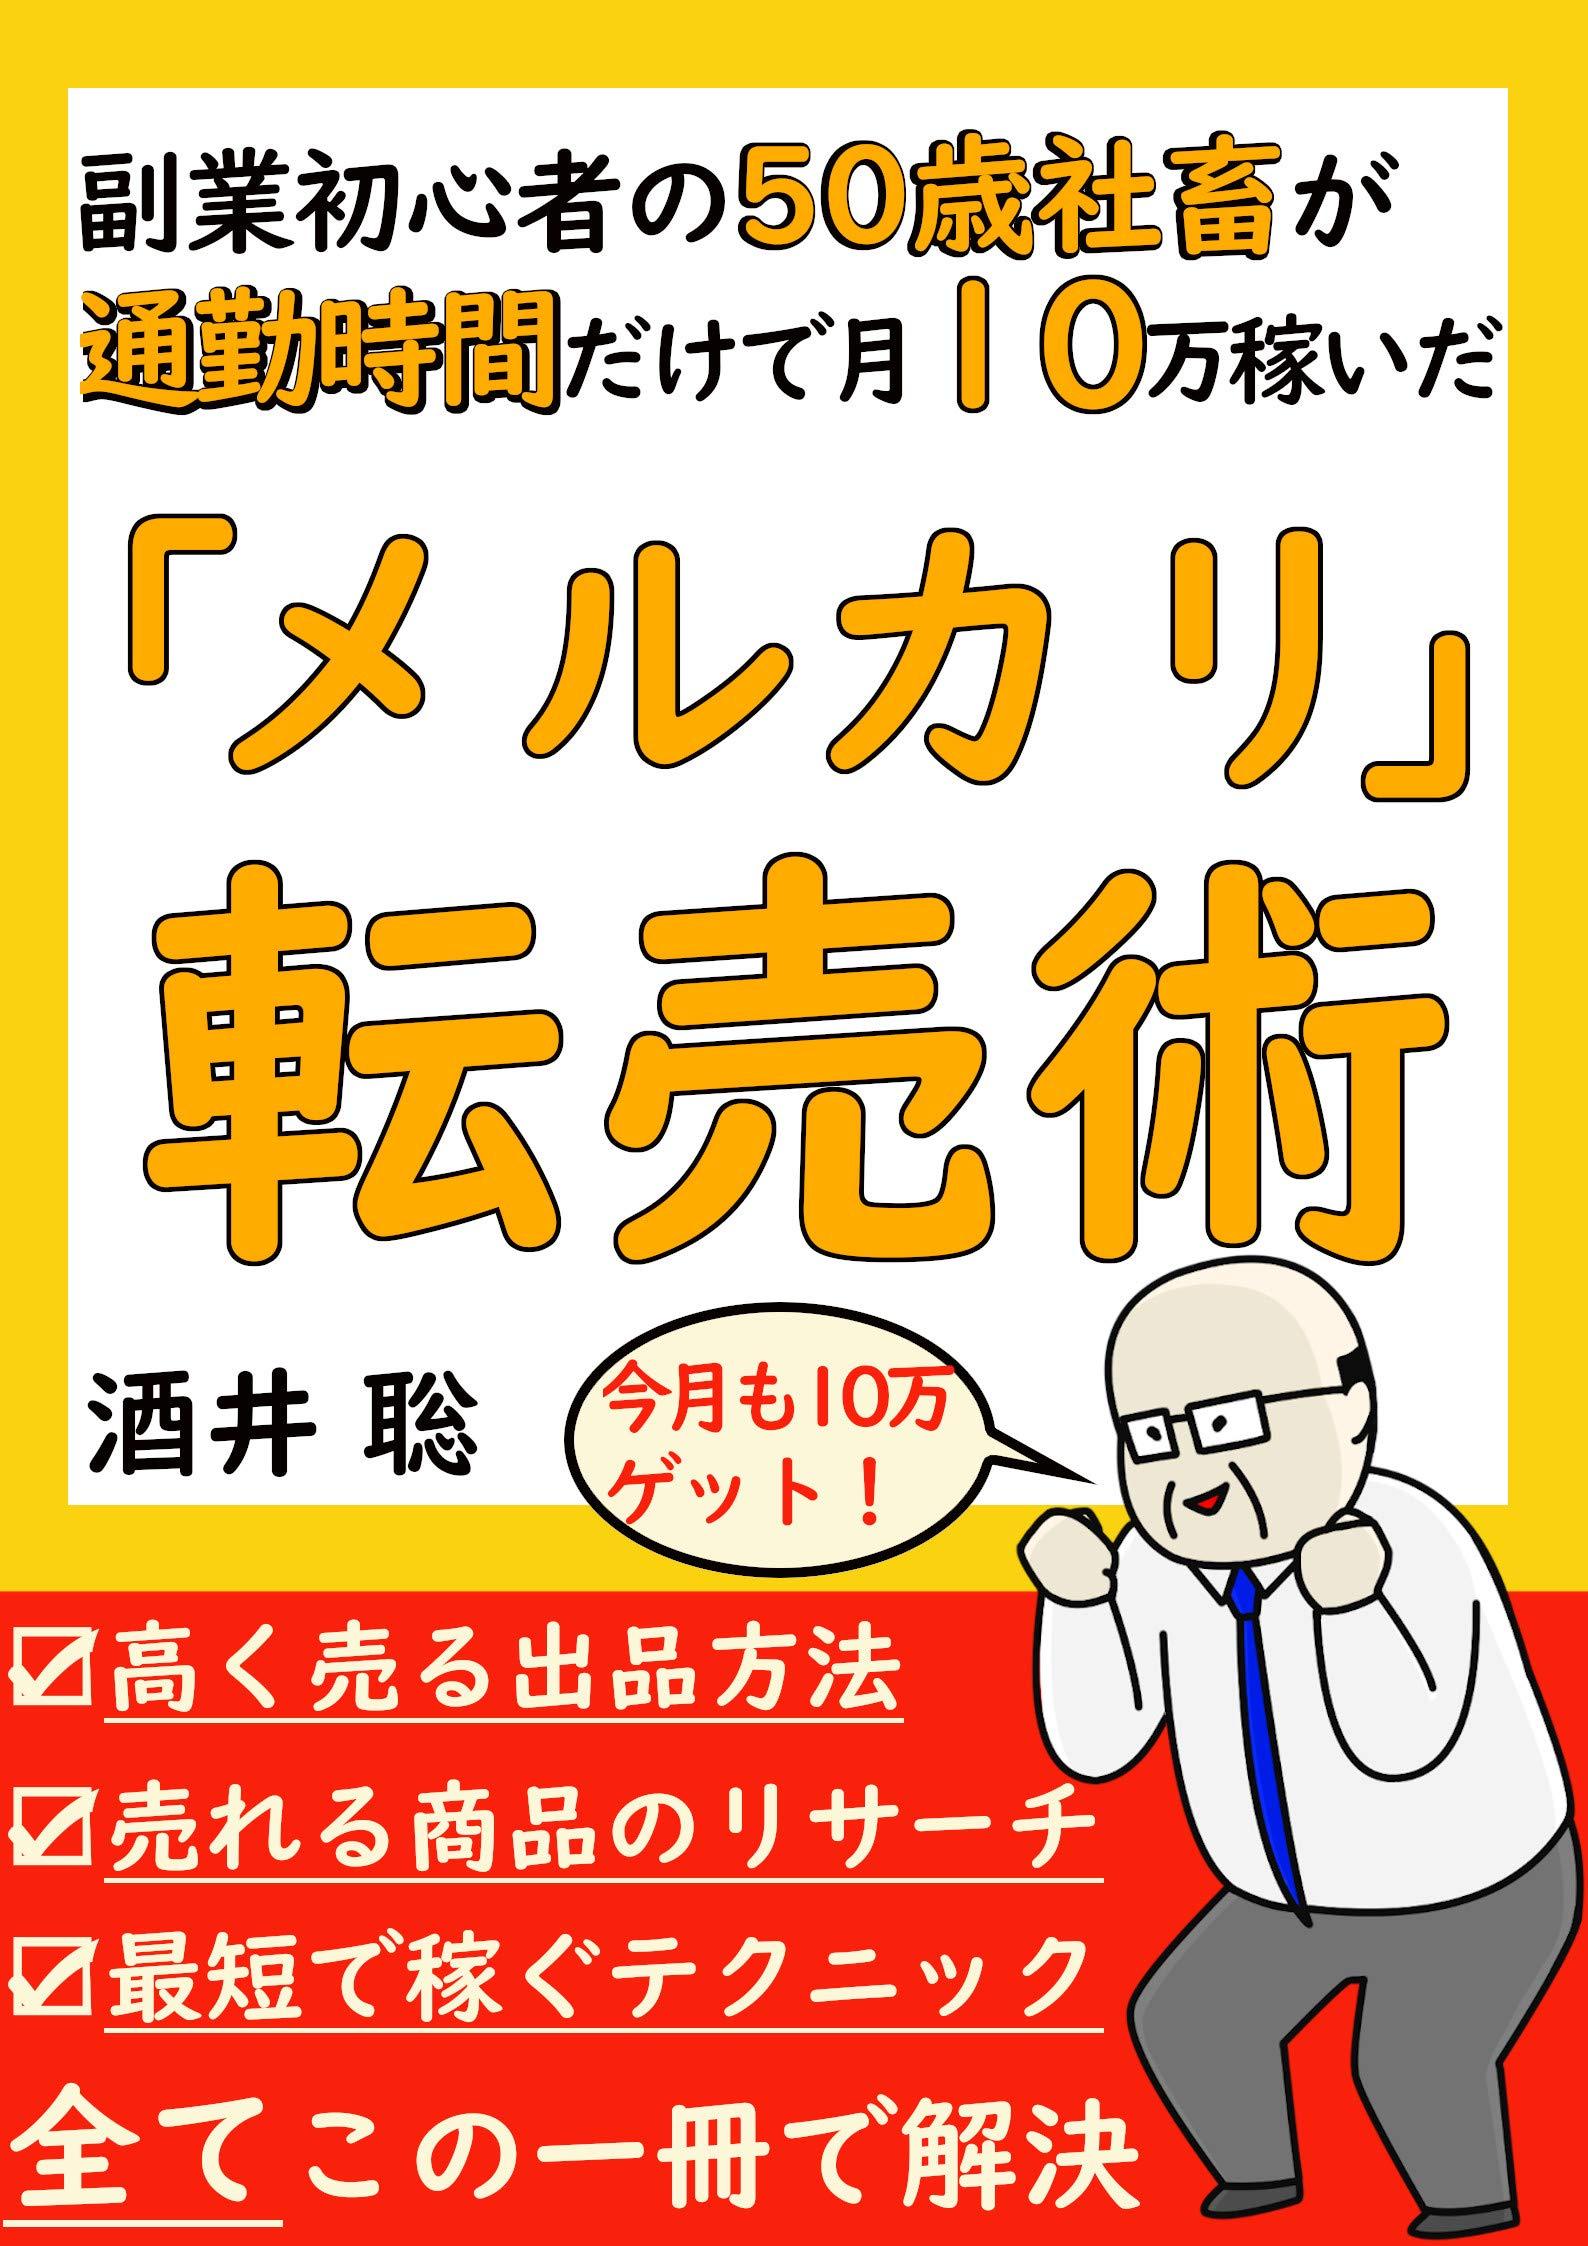 hukugyoushoshinnshanogojyussaishatikugatuukinjikanndakedetukijyuumannennkaseidamerukaritennbaijyutuhukugyoutennbaia shoshinnsha (Japanese Edition)